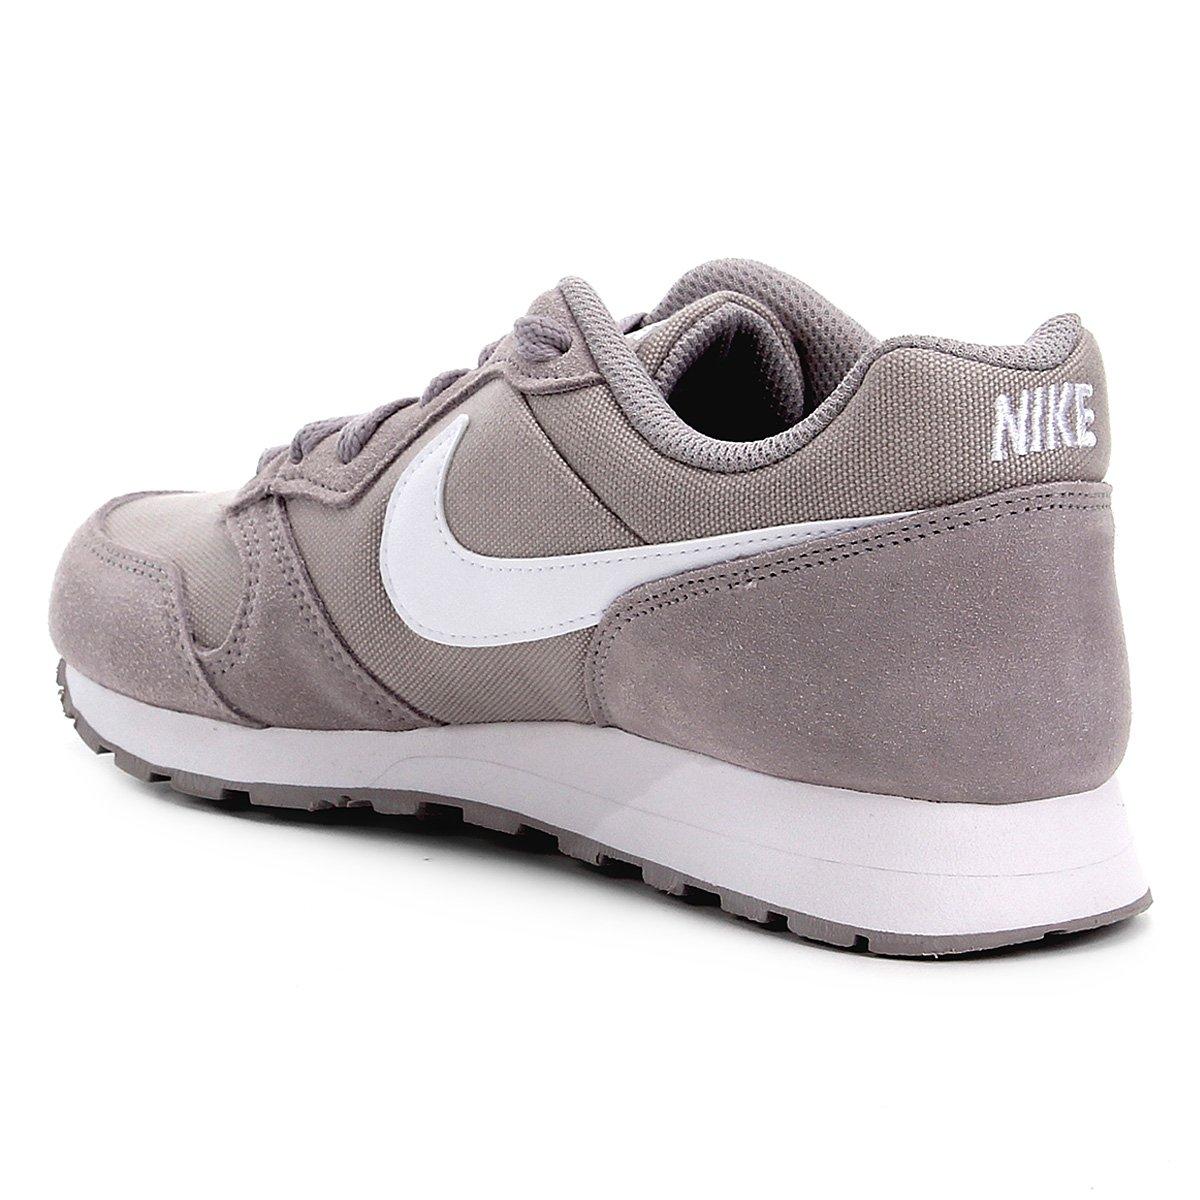 Tênis Infantil Nike MD Runner 2 PE BG Cinza e Branco